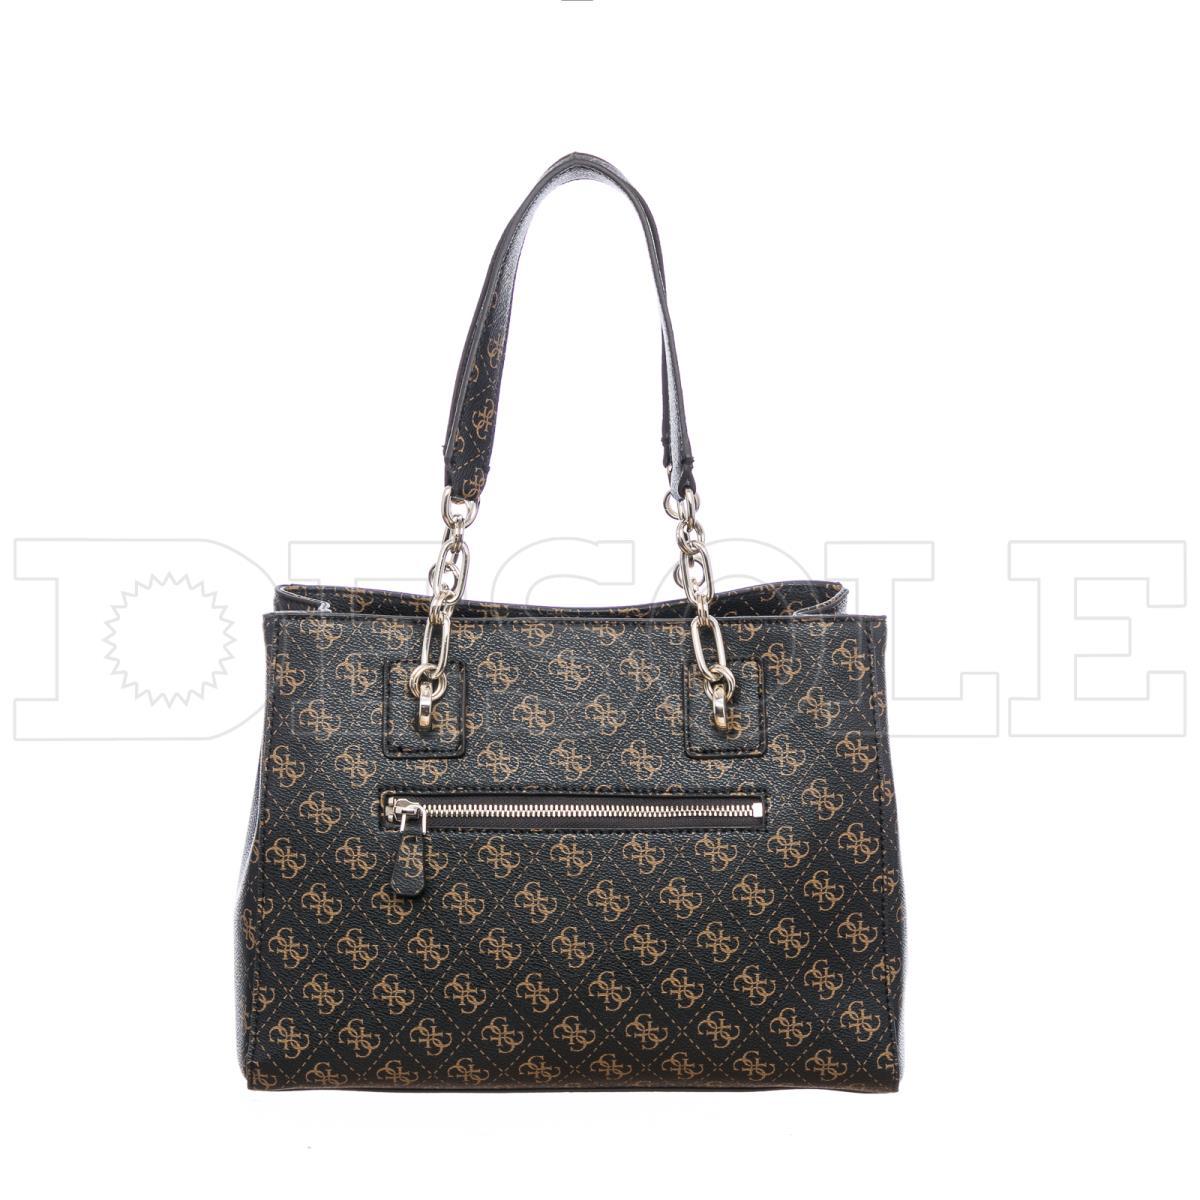 Guess Borsa hweh7180140 | Desole Shop Online